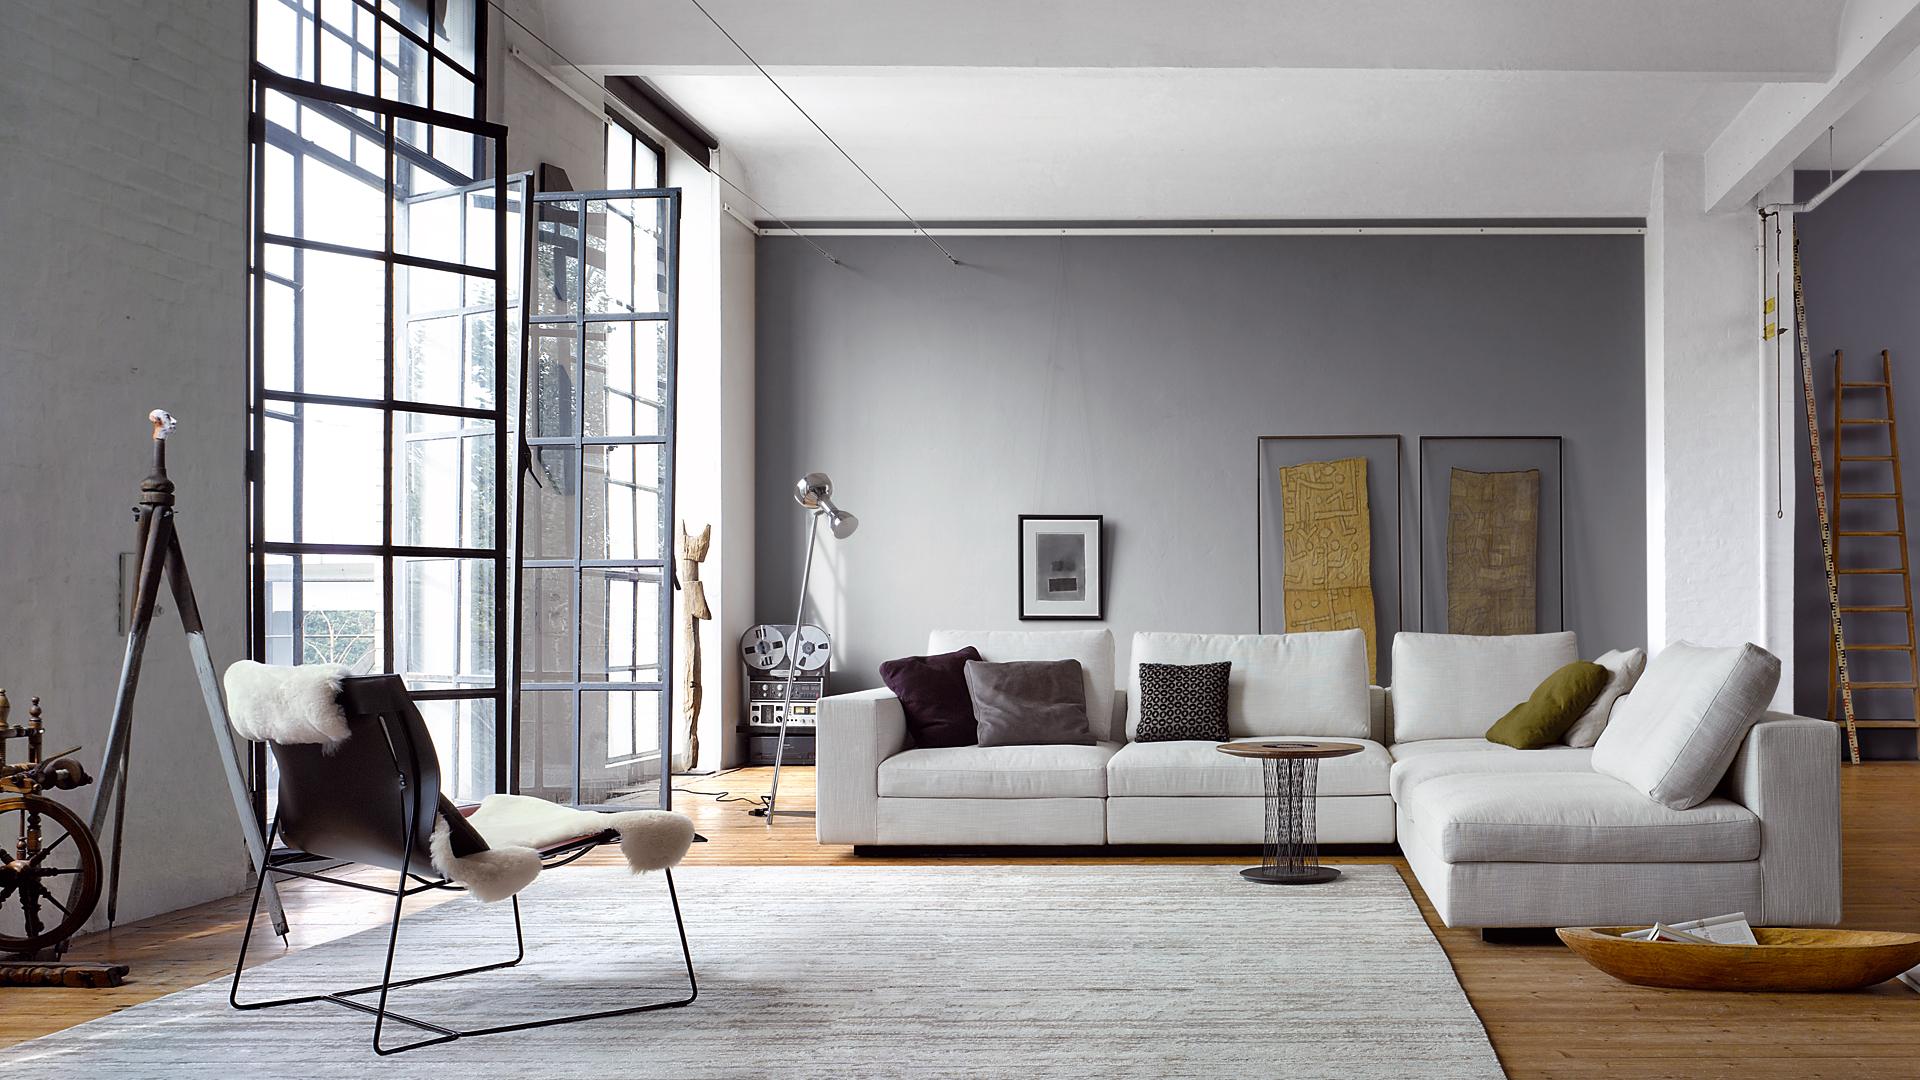 walter knoll sofas sessel st hle und tische bei prinz wohnen. Black Bedroom Furniture Sets. Home Design Ideas